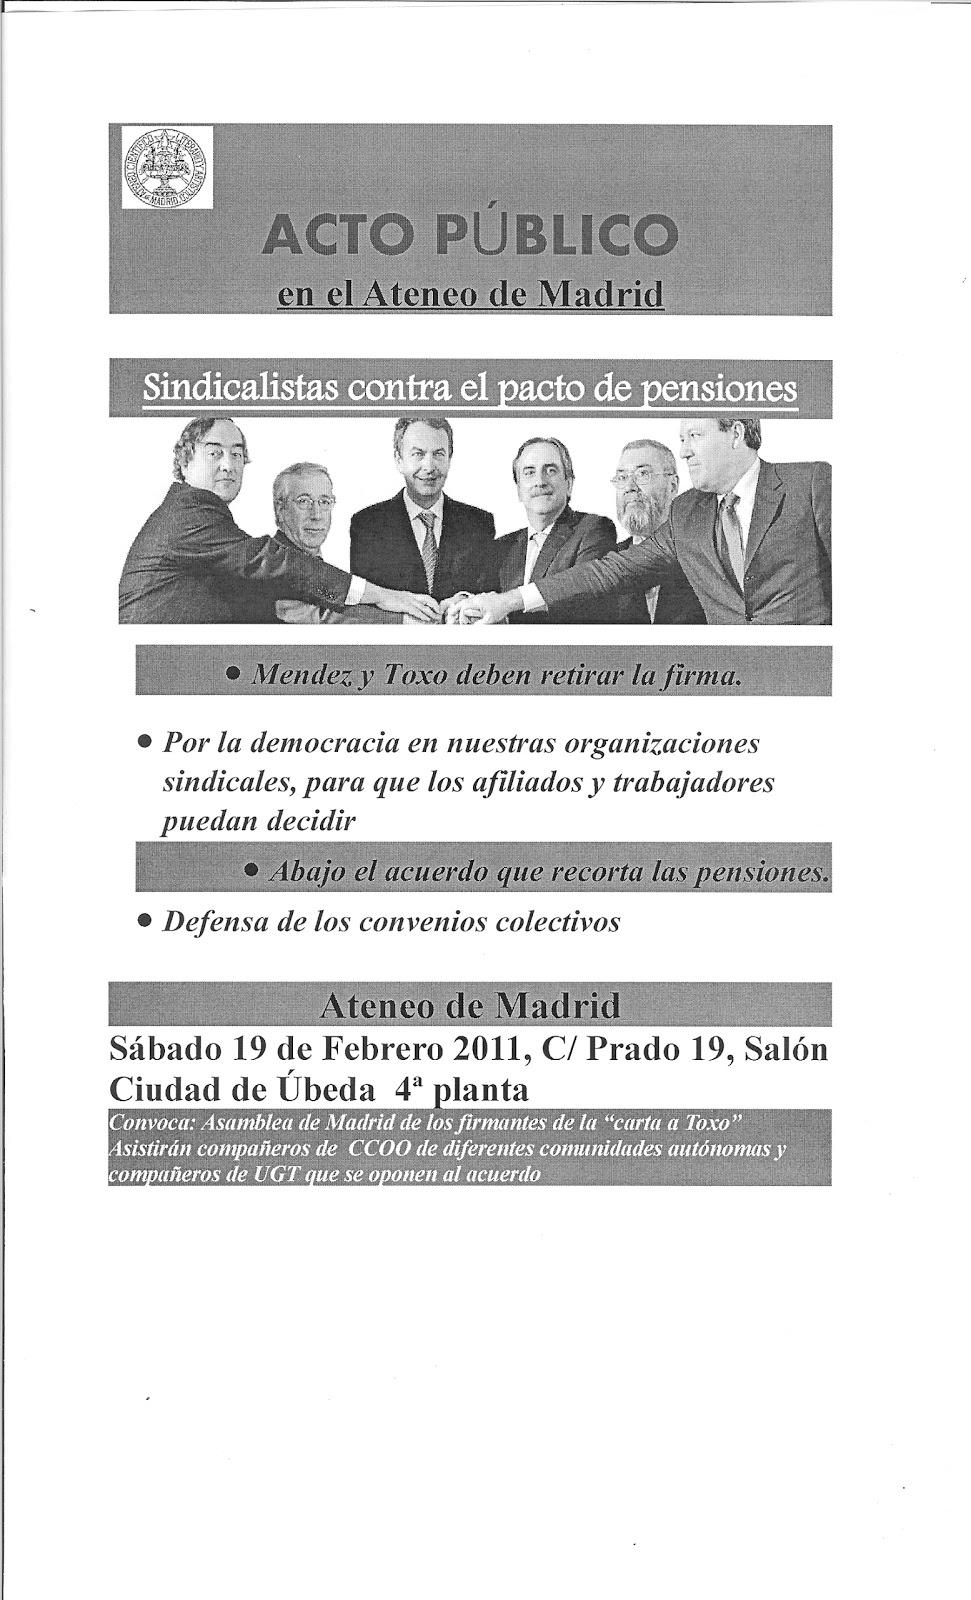 [Madrid] Sindicalistas contra el pacto de las pensiones. Cartel+19+escaner